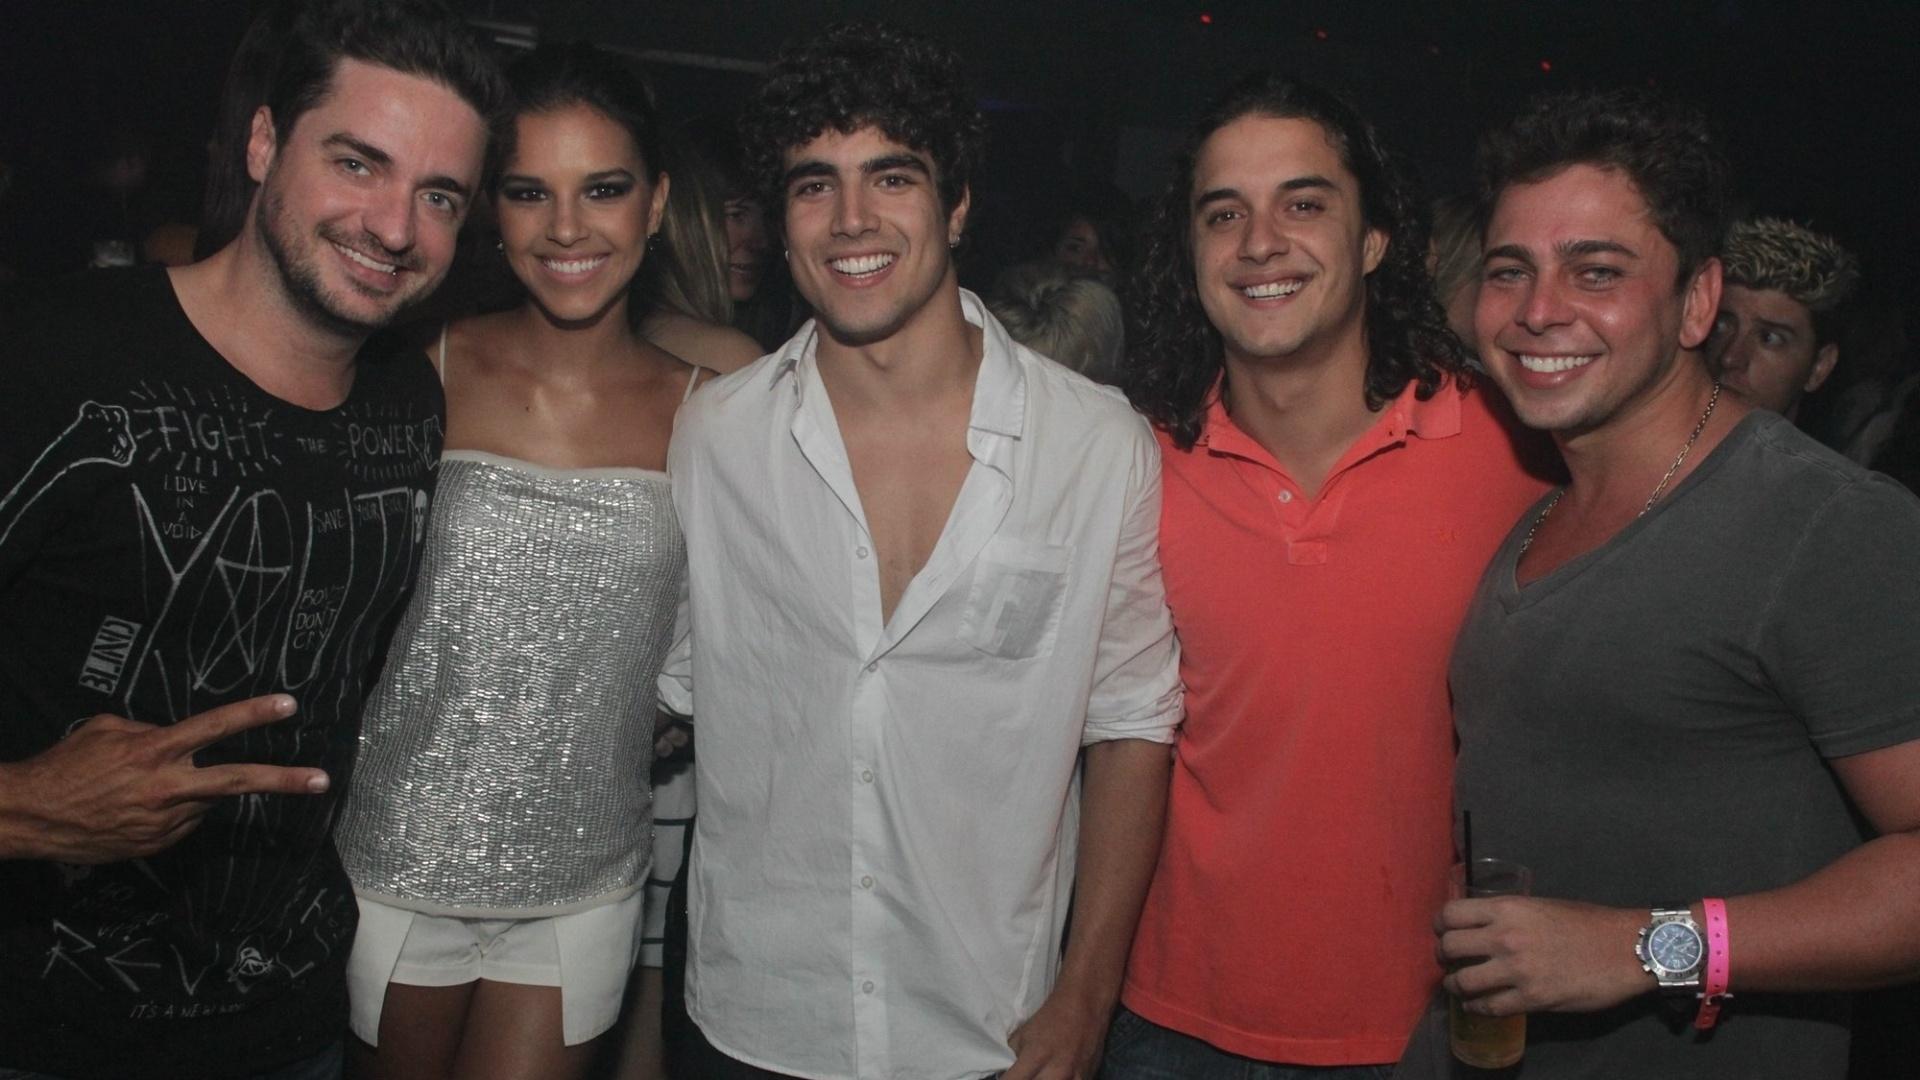 Caio Castro ganha festa surpresa e comemora aniversário de 23 anos ao lado de Mariana Rios e Guilherme Boury em boate no Rio (20/1/12)